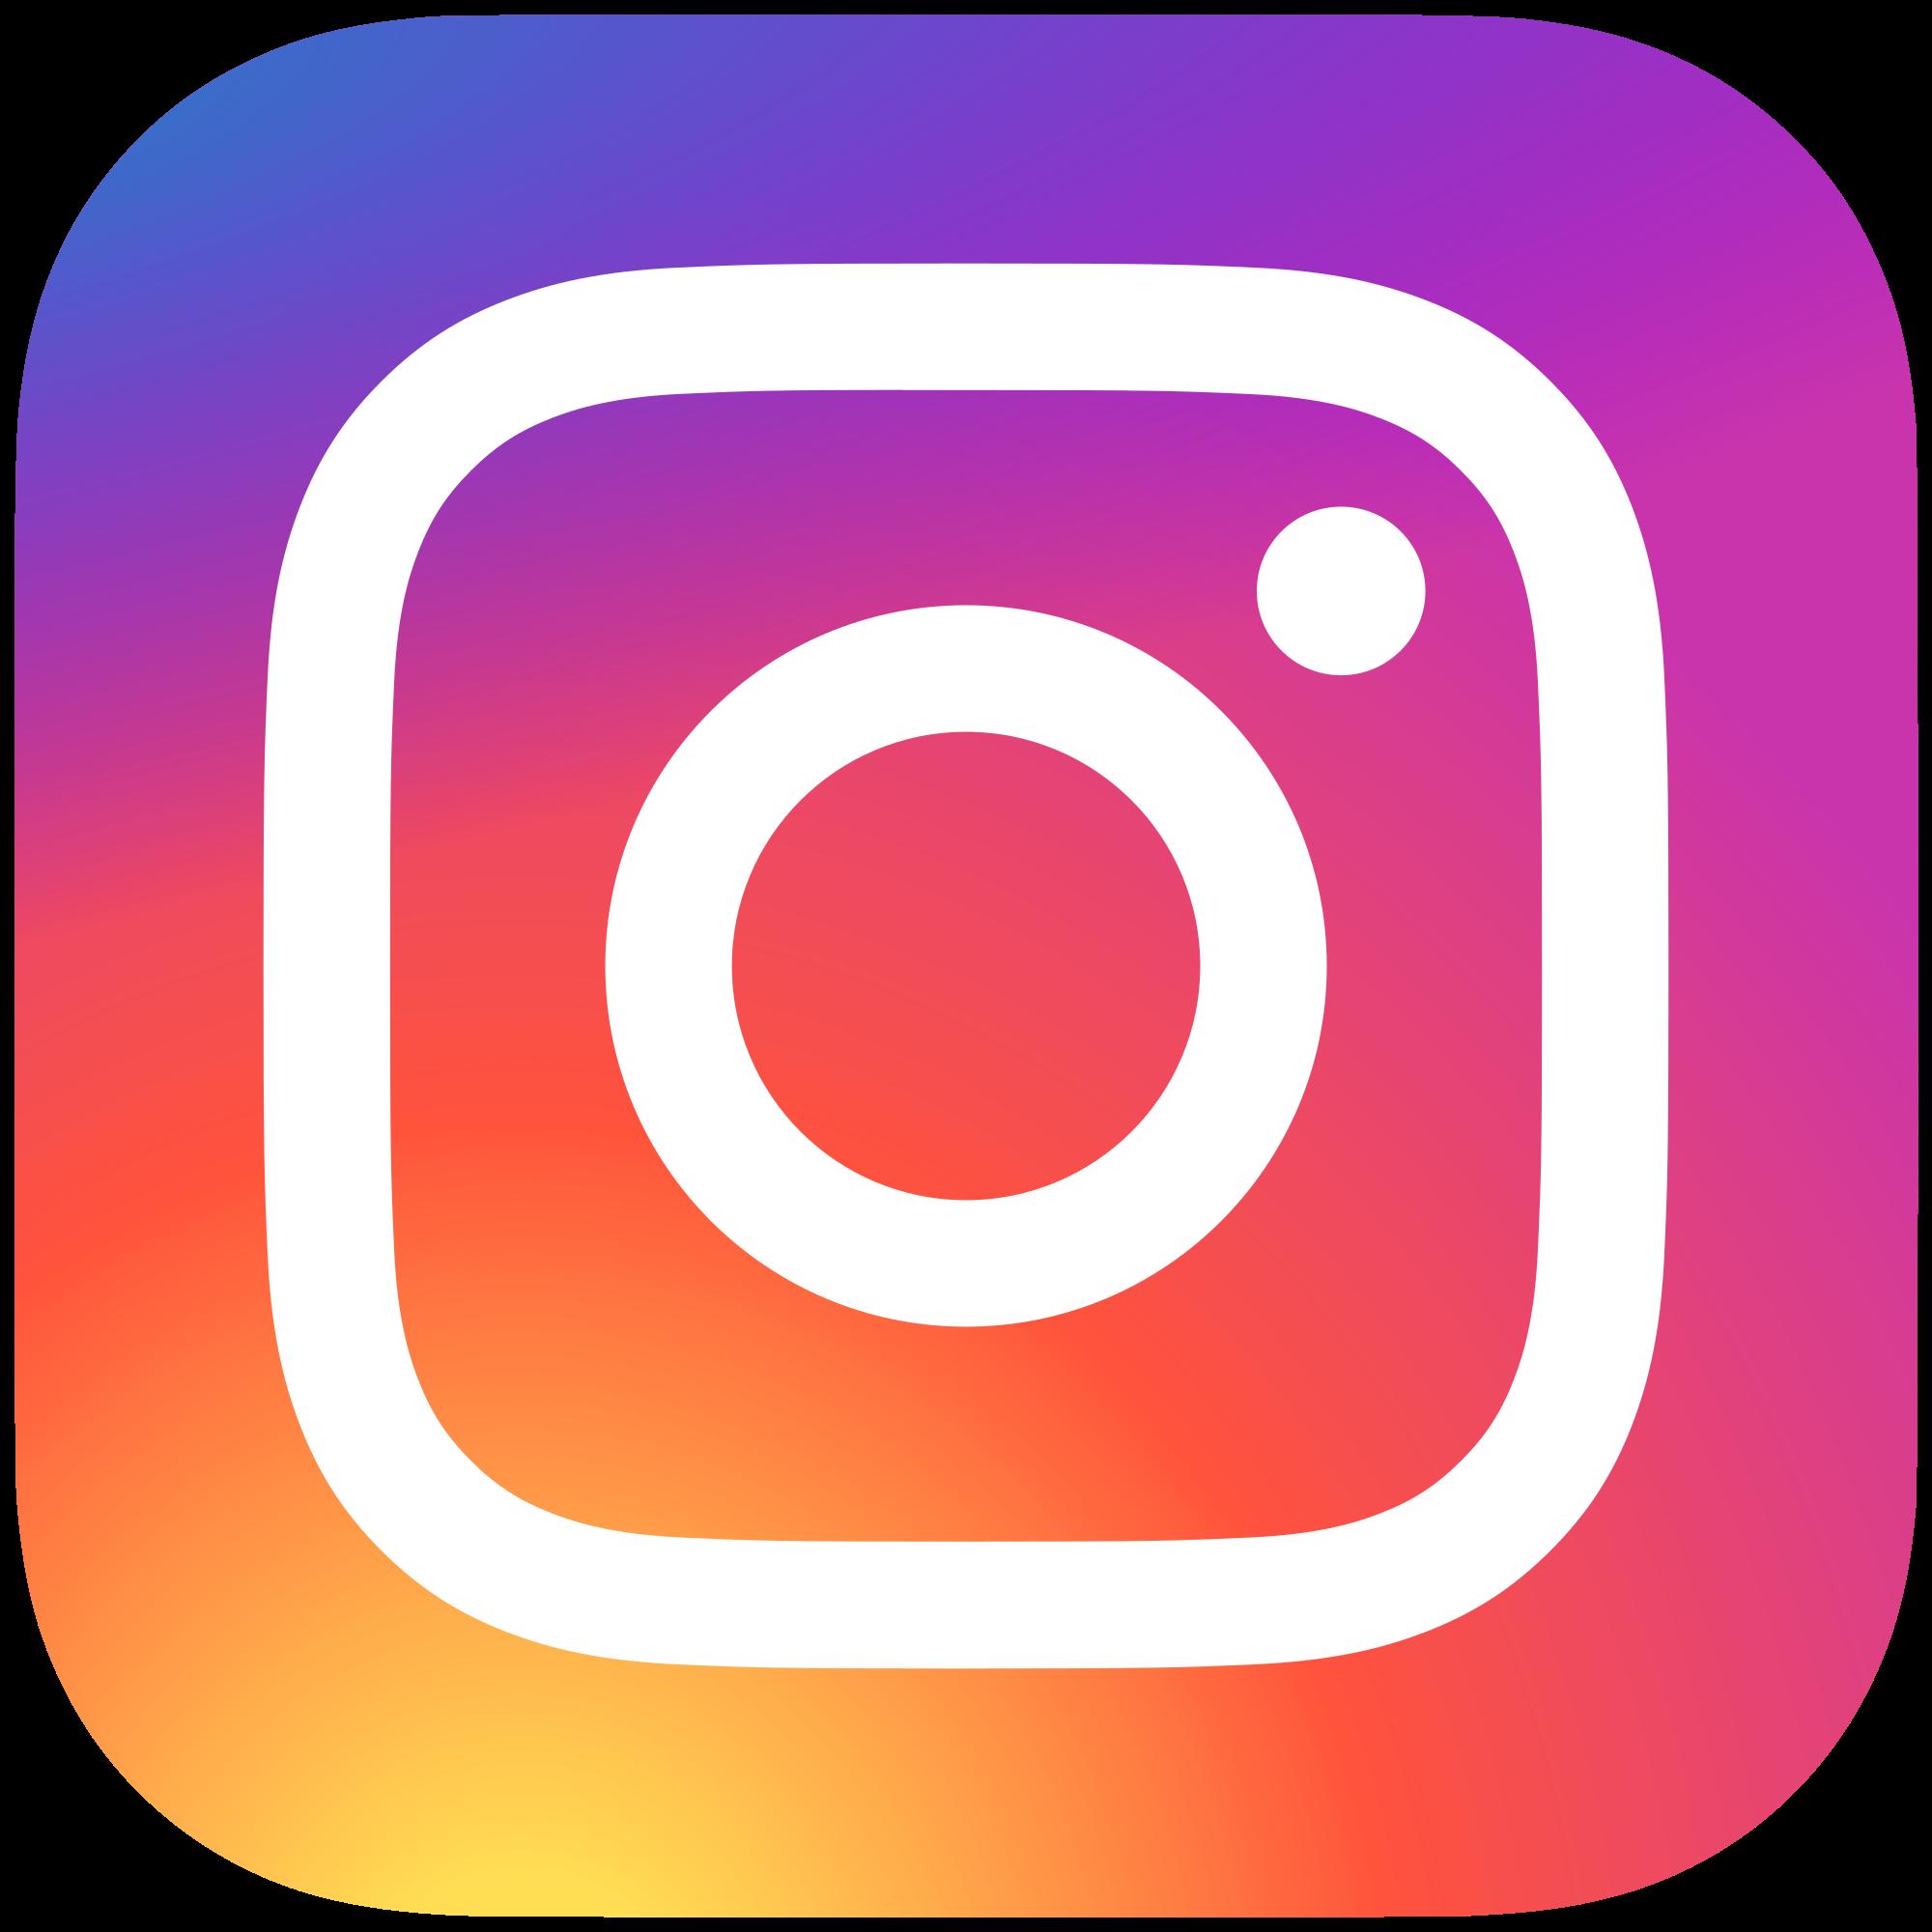 Lass uns auf Instagram verbinden: www.instagram.com/schreibflow